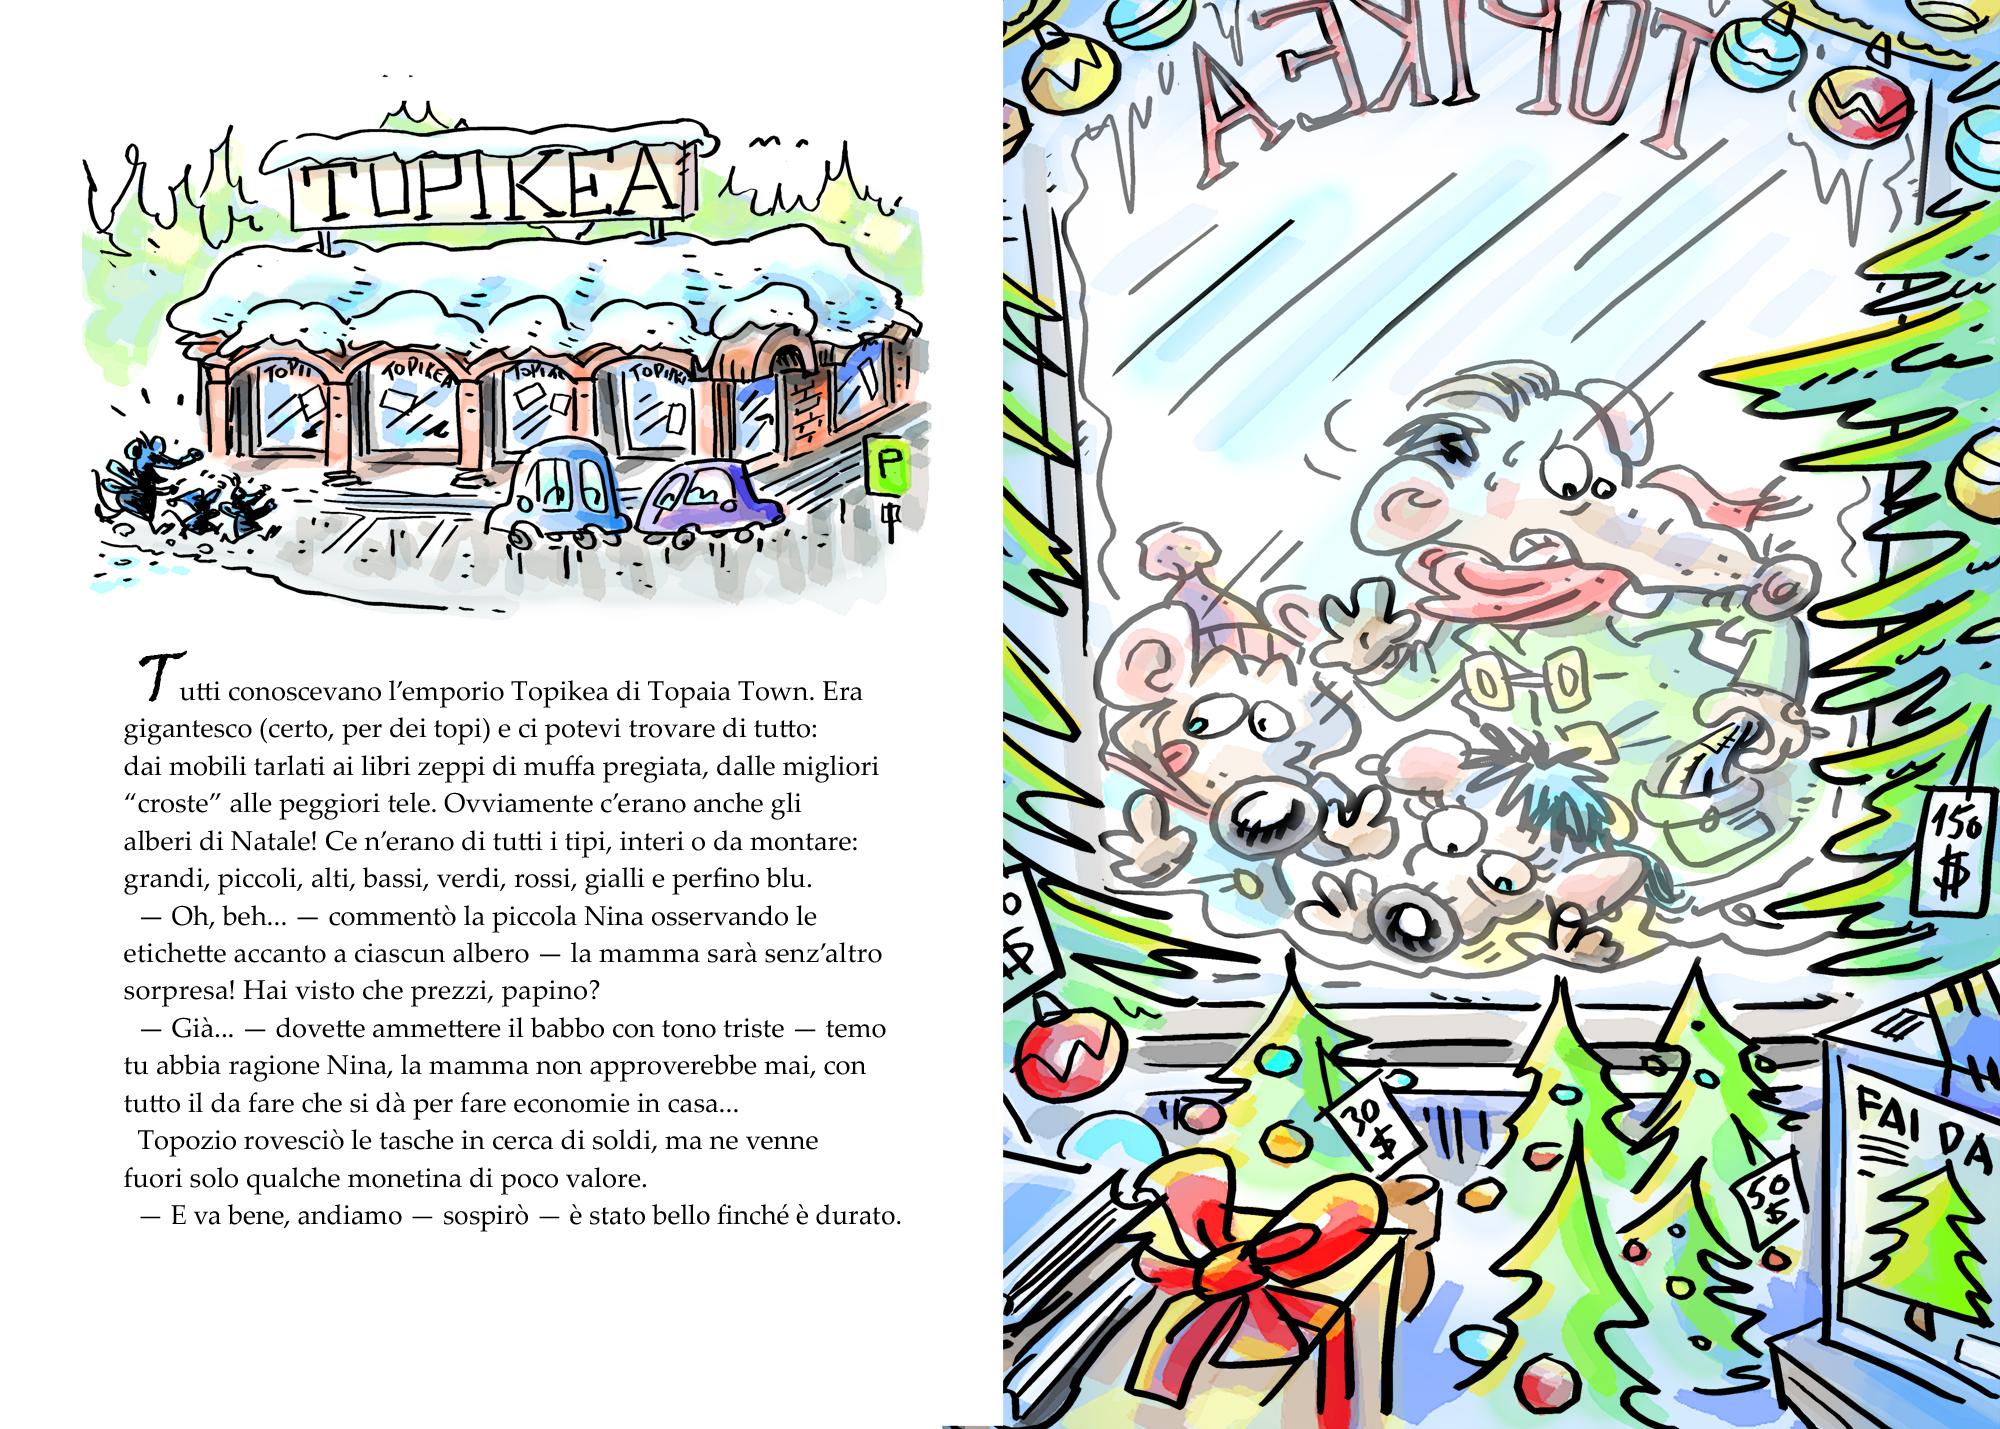 Grazie E Buon Natale.Buon Natale Topolazzi Parte 3 Alameda Project